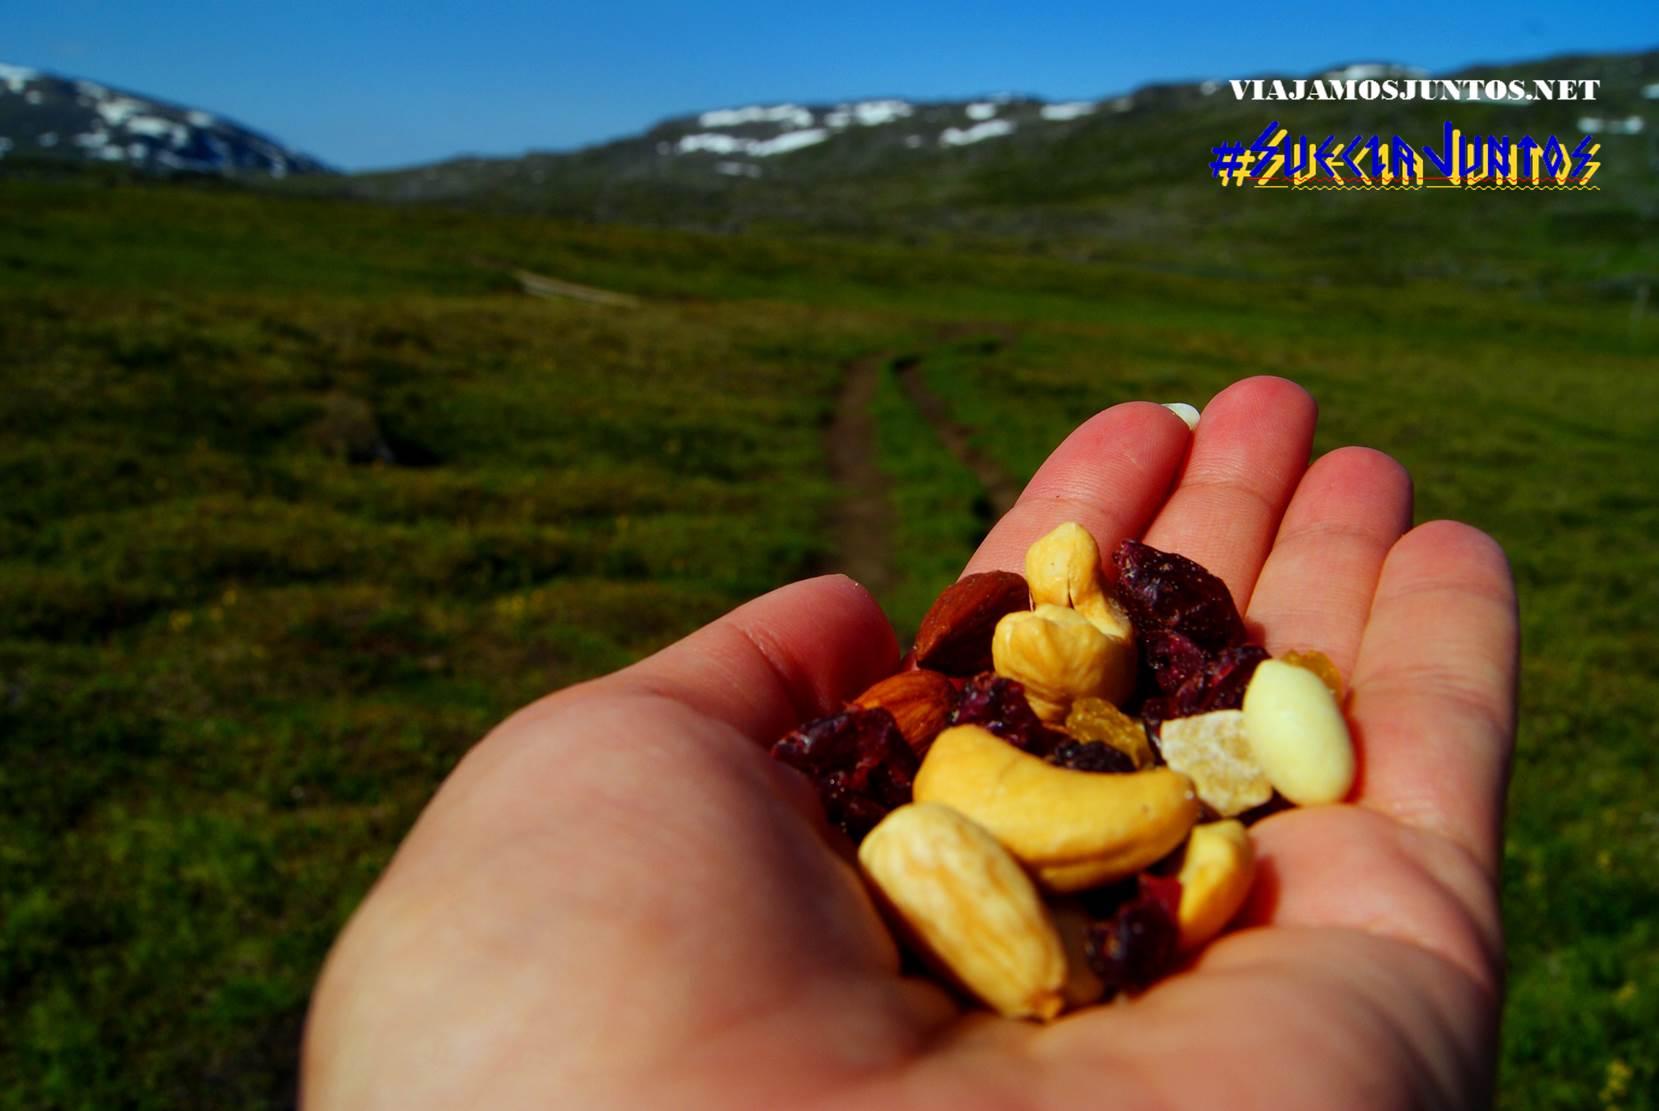 Kungsleden, Suecia, lagos, naturaleza, viajar por libre, vistas, paisajes, Laponia Sueca, inspiración, información práctica, tips, consejos, viajar por libre, alojamiento